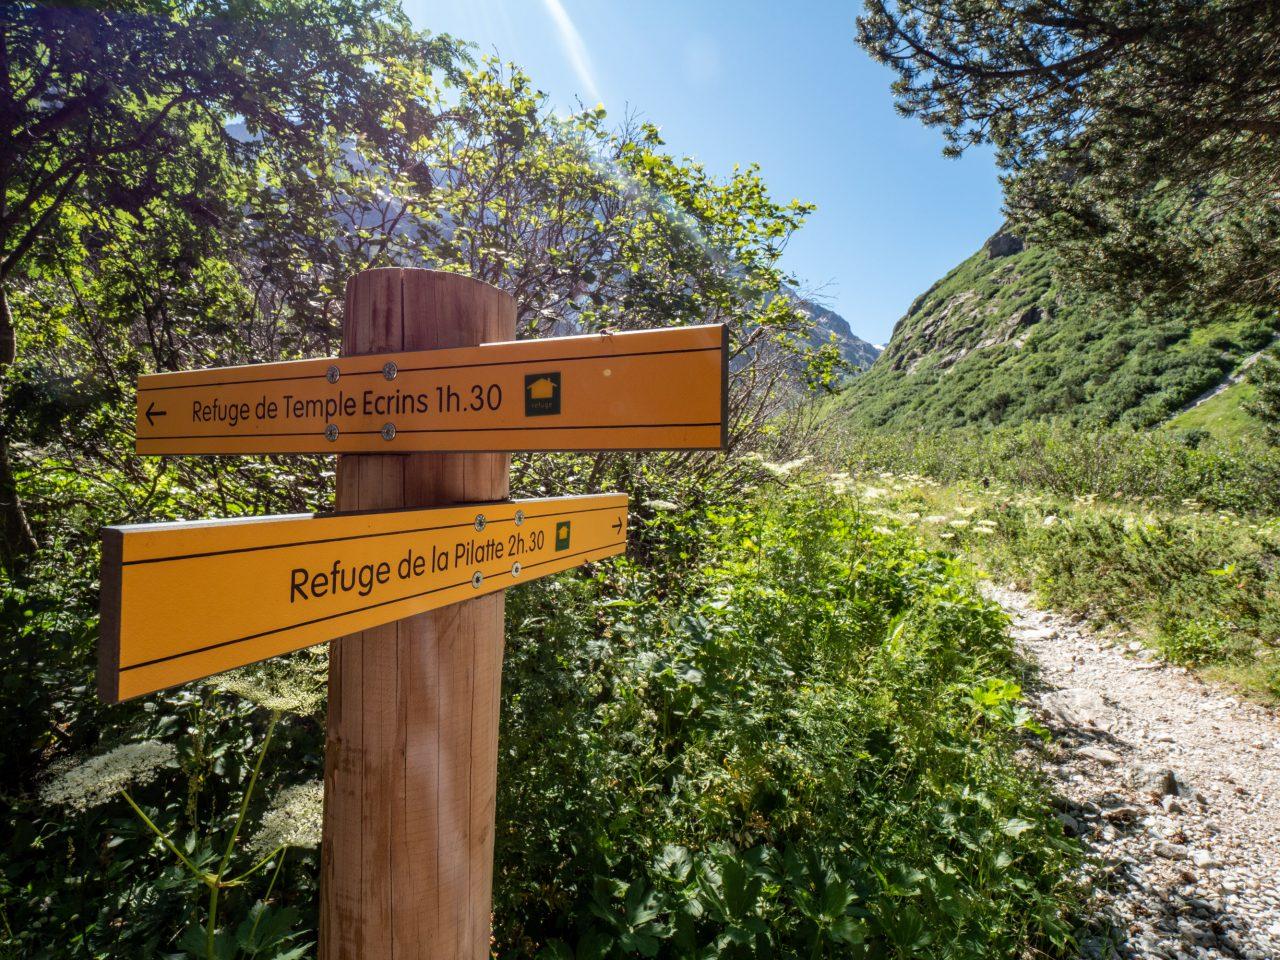 Wandeling naar Refuge de la Pilatte